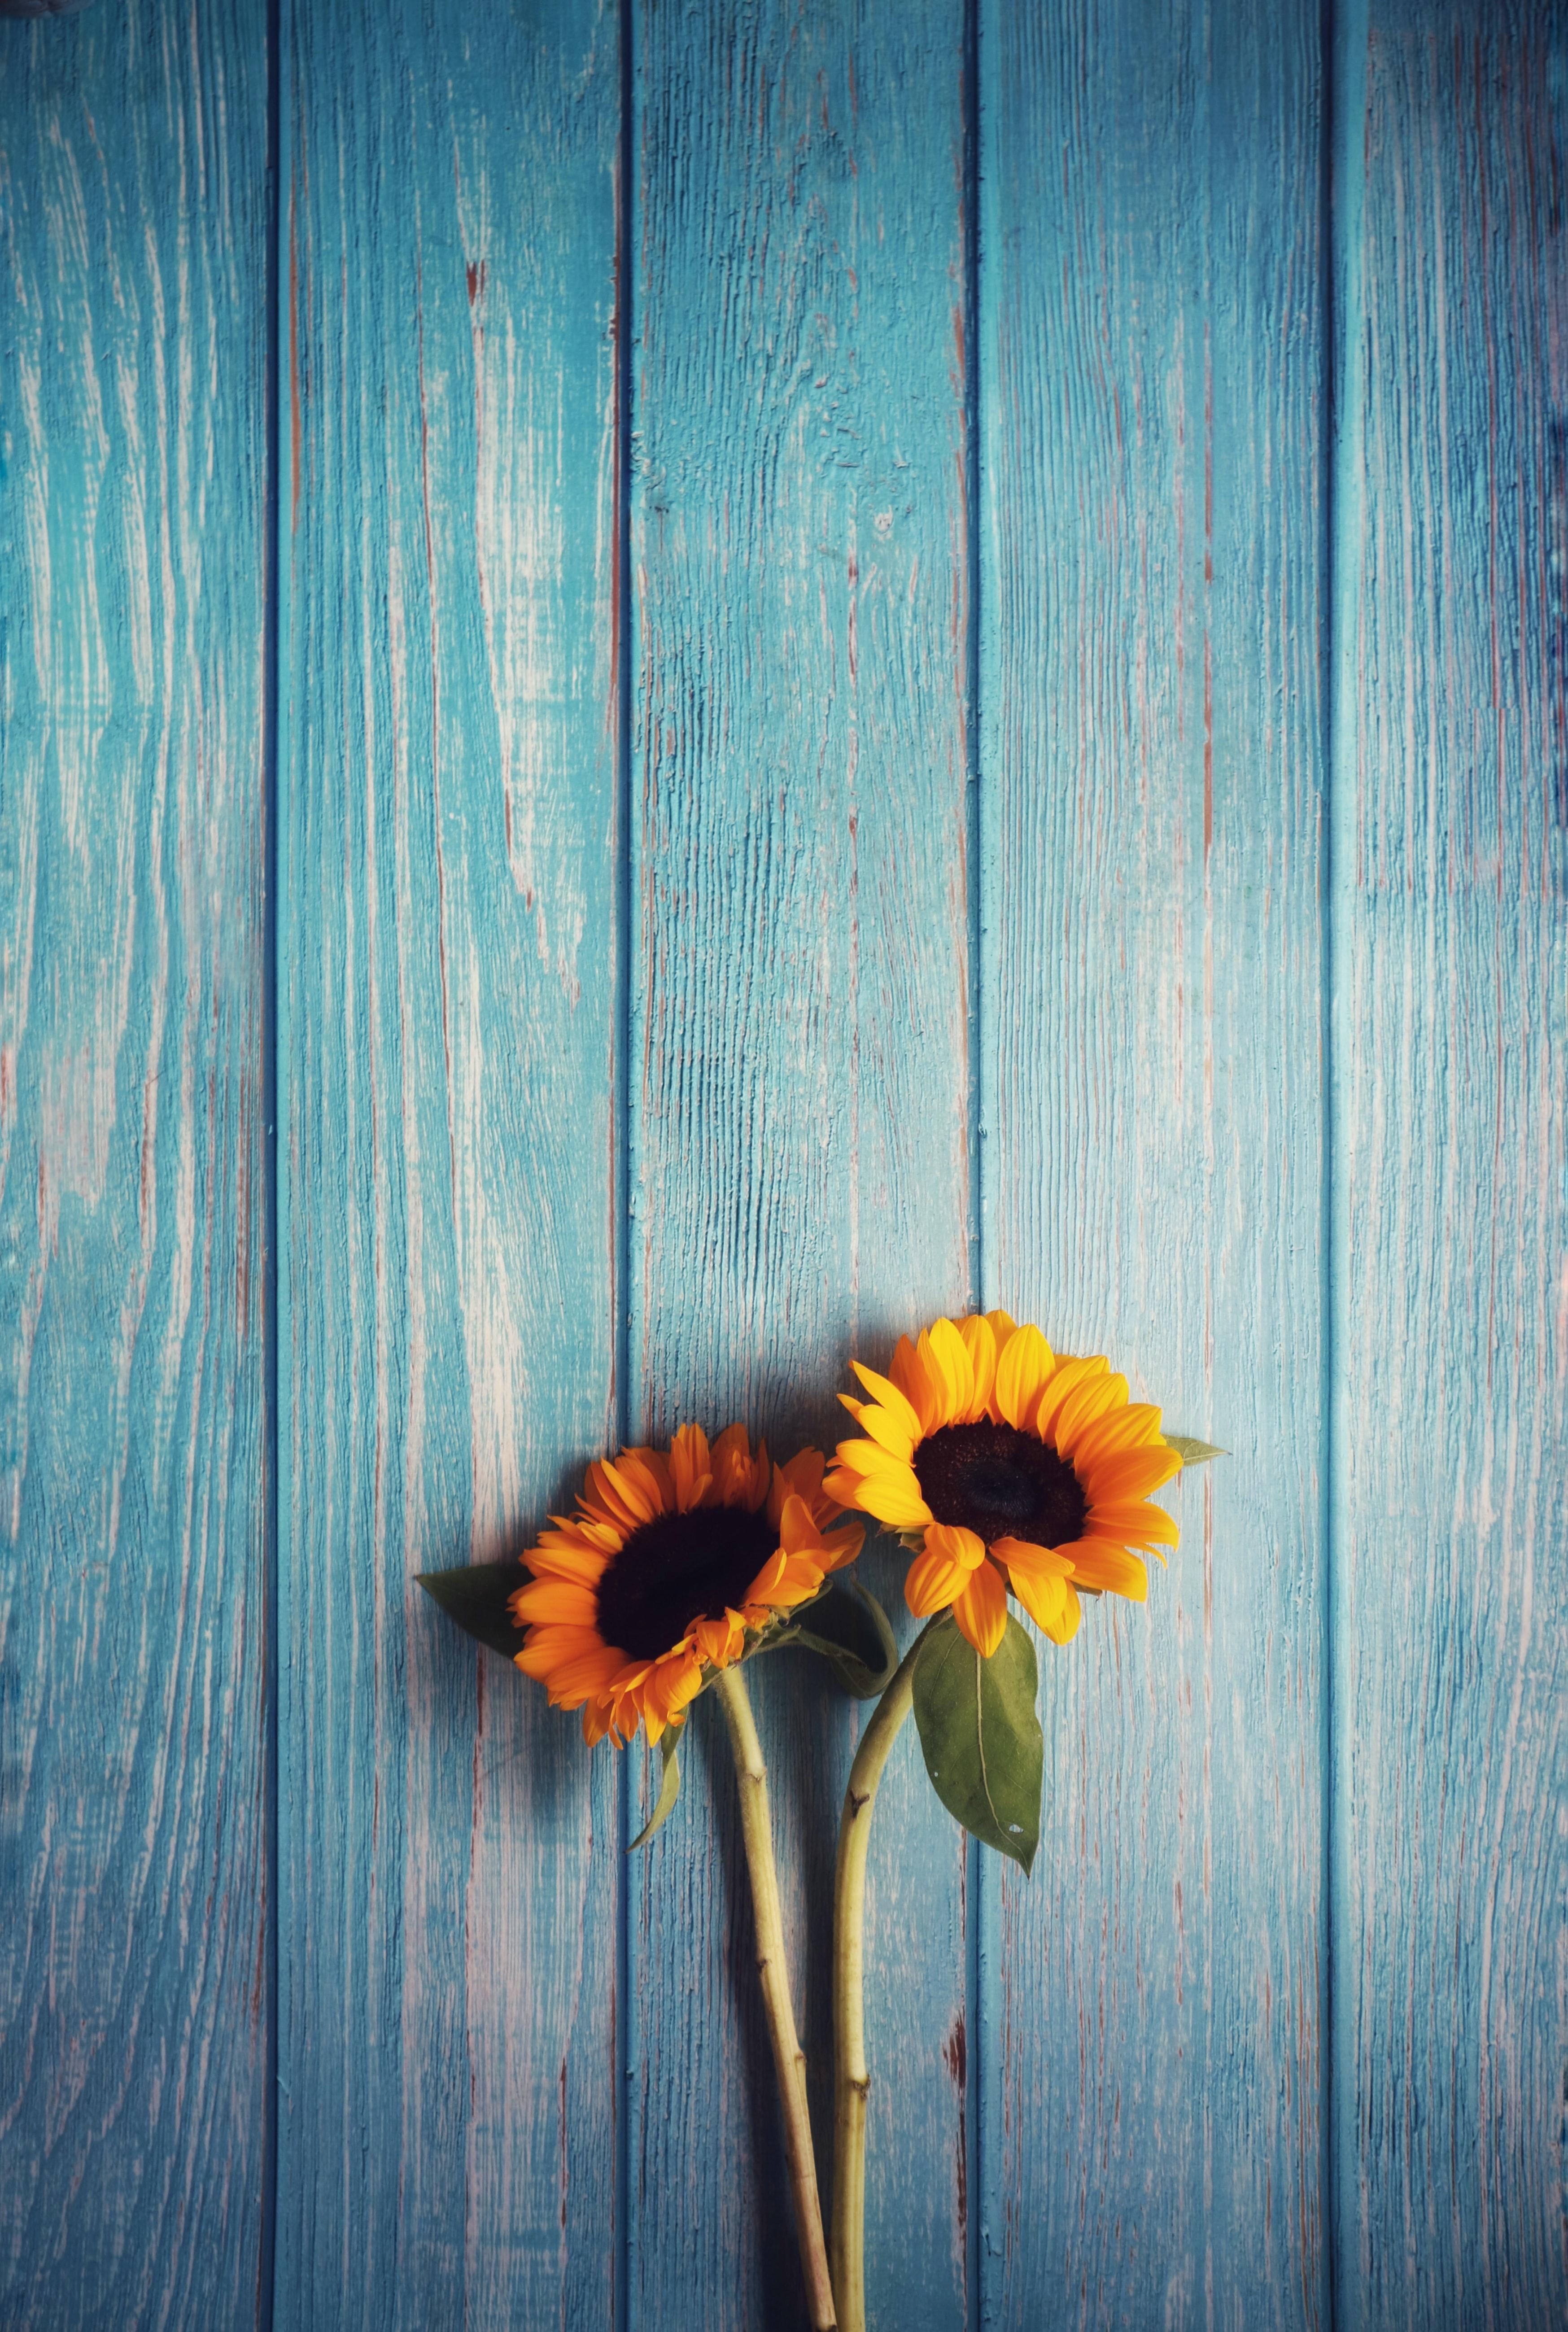 107348 Заставки и Обои Подсолнухи на телефон. Скачать Цветы, Деревянный, Текстура, Подсолнухи картинки бесплатно